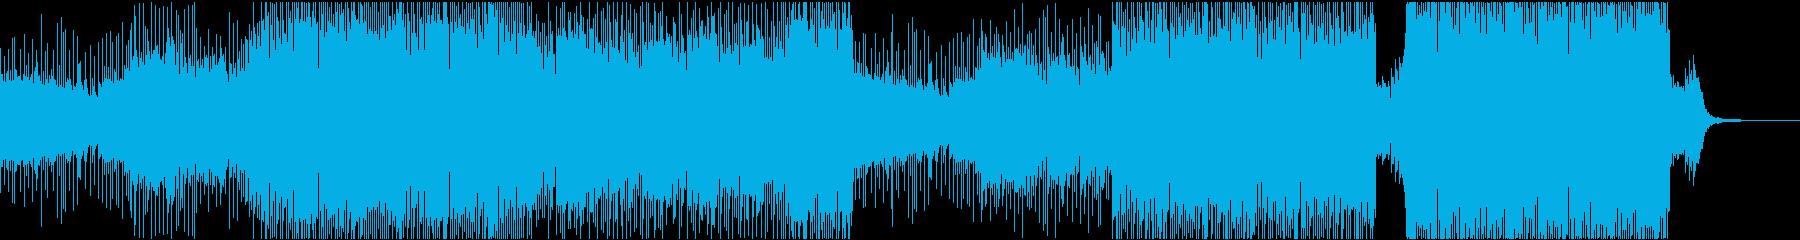 ダーク・ディストピア・メタルのイメージ曲の再生済みの波形